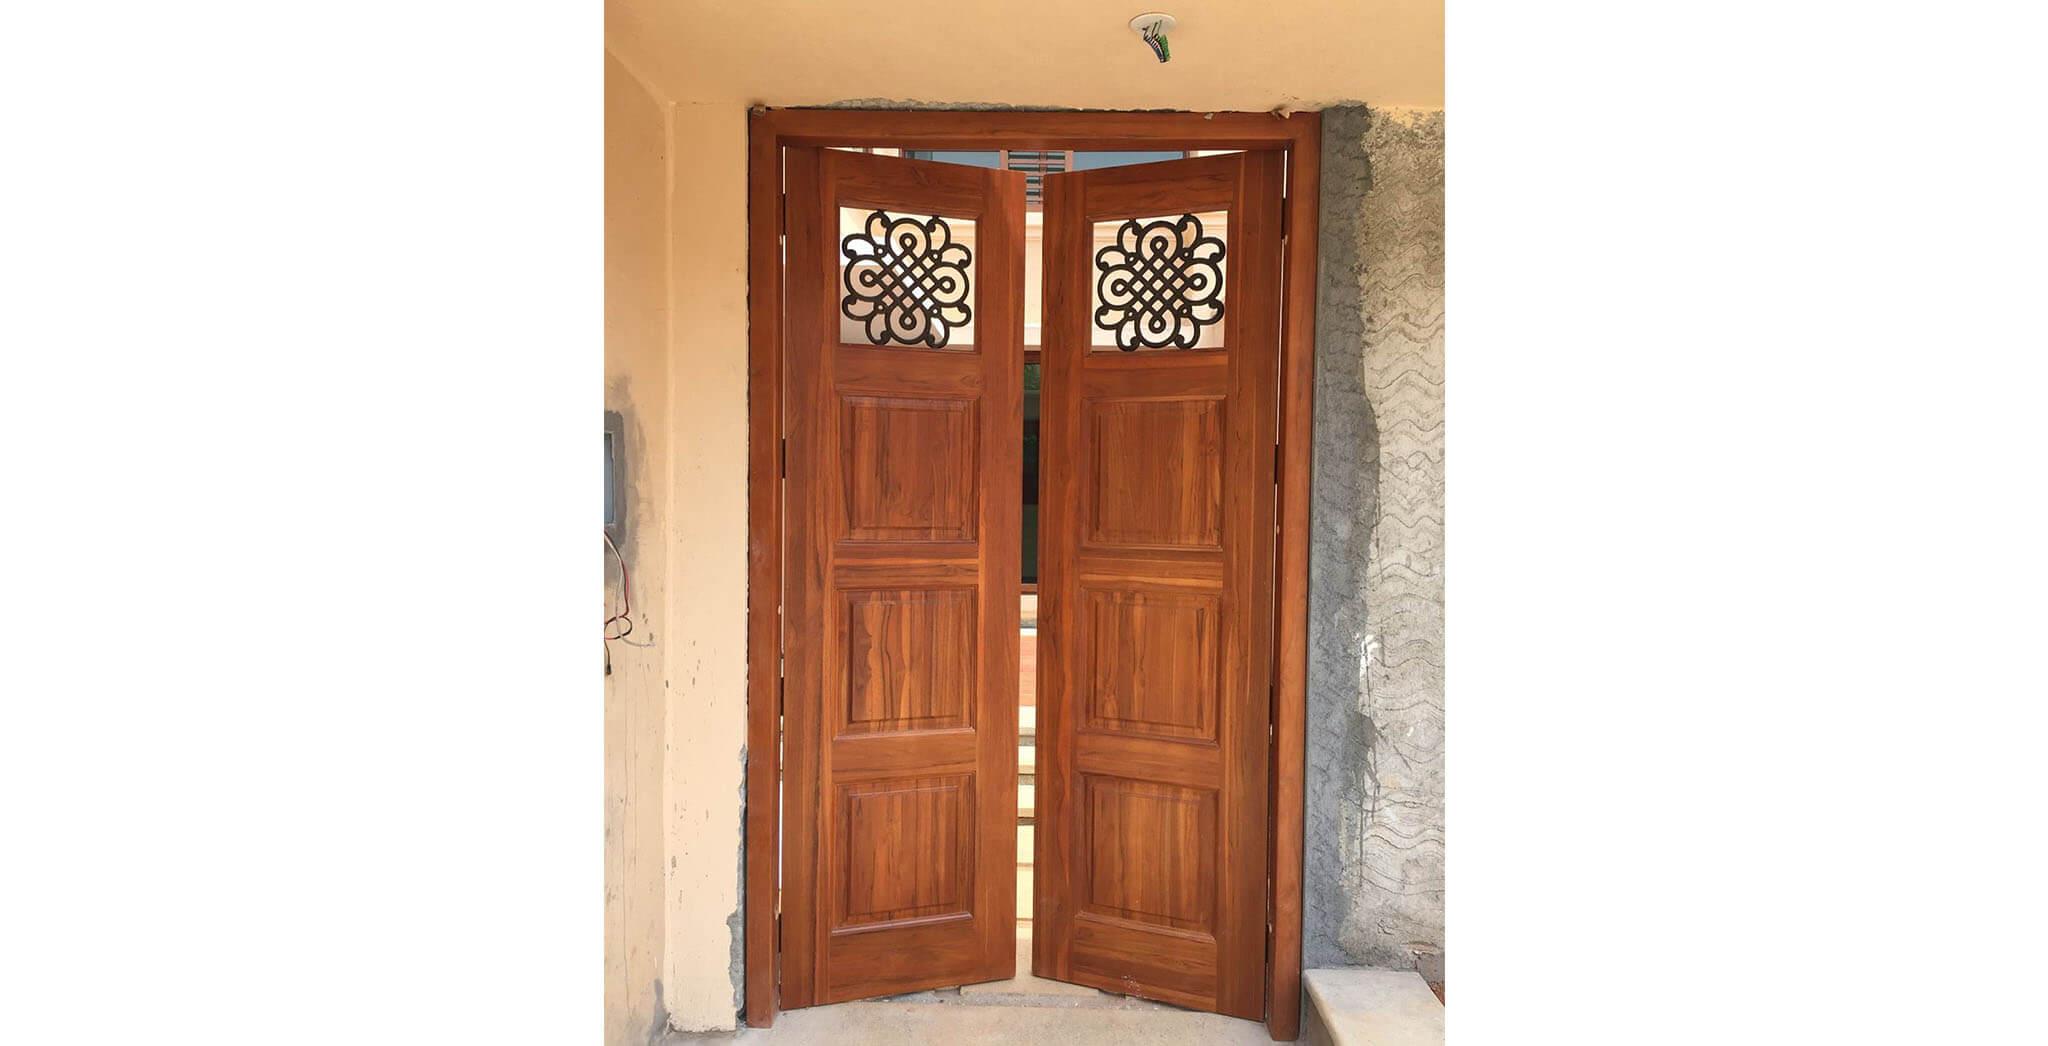 Apr 2019 - Entrance door fixing work-in-progress